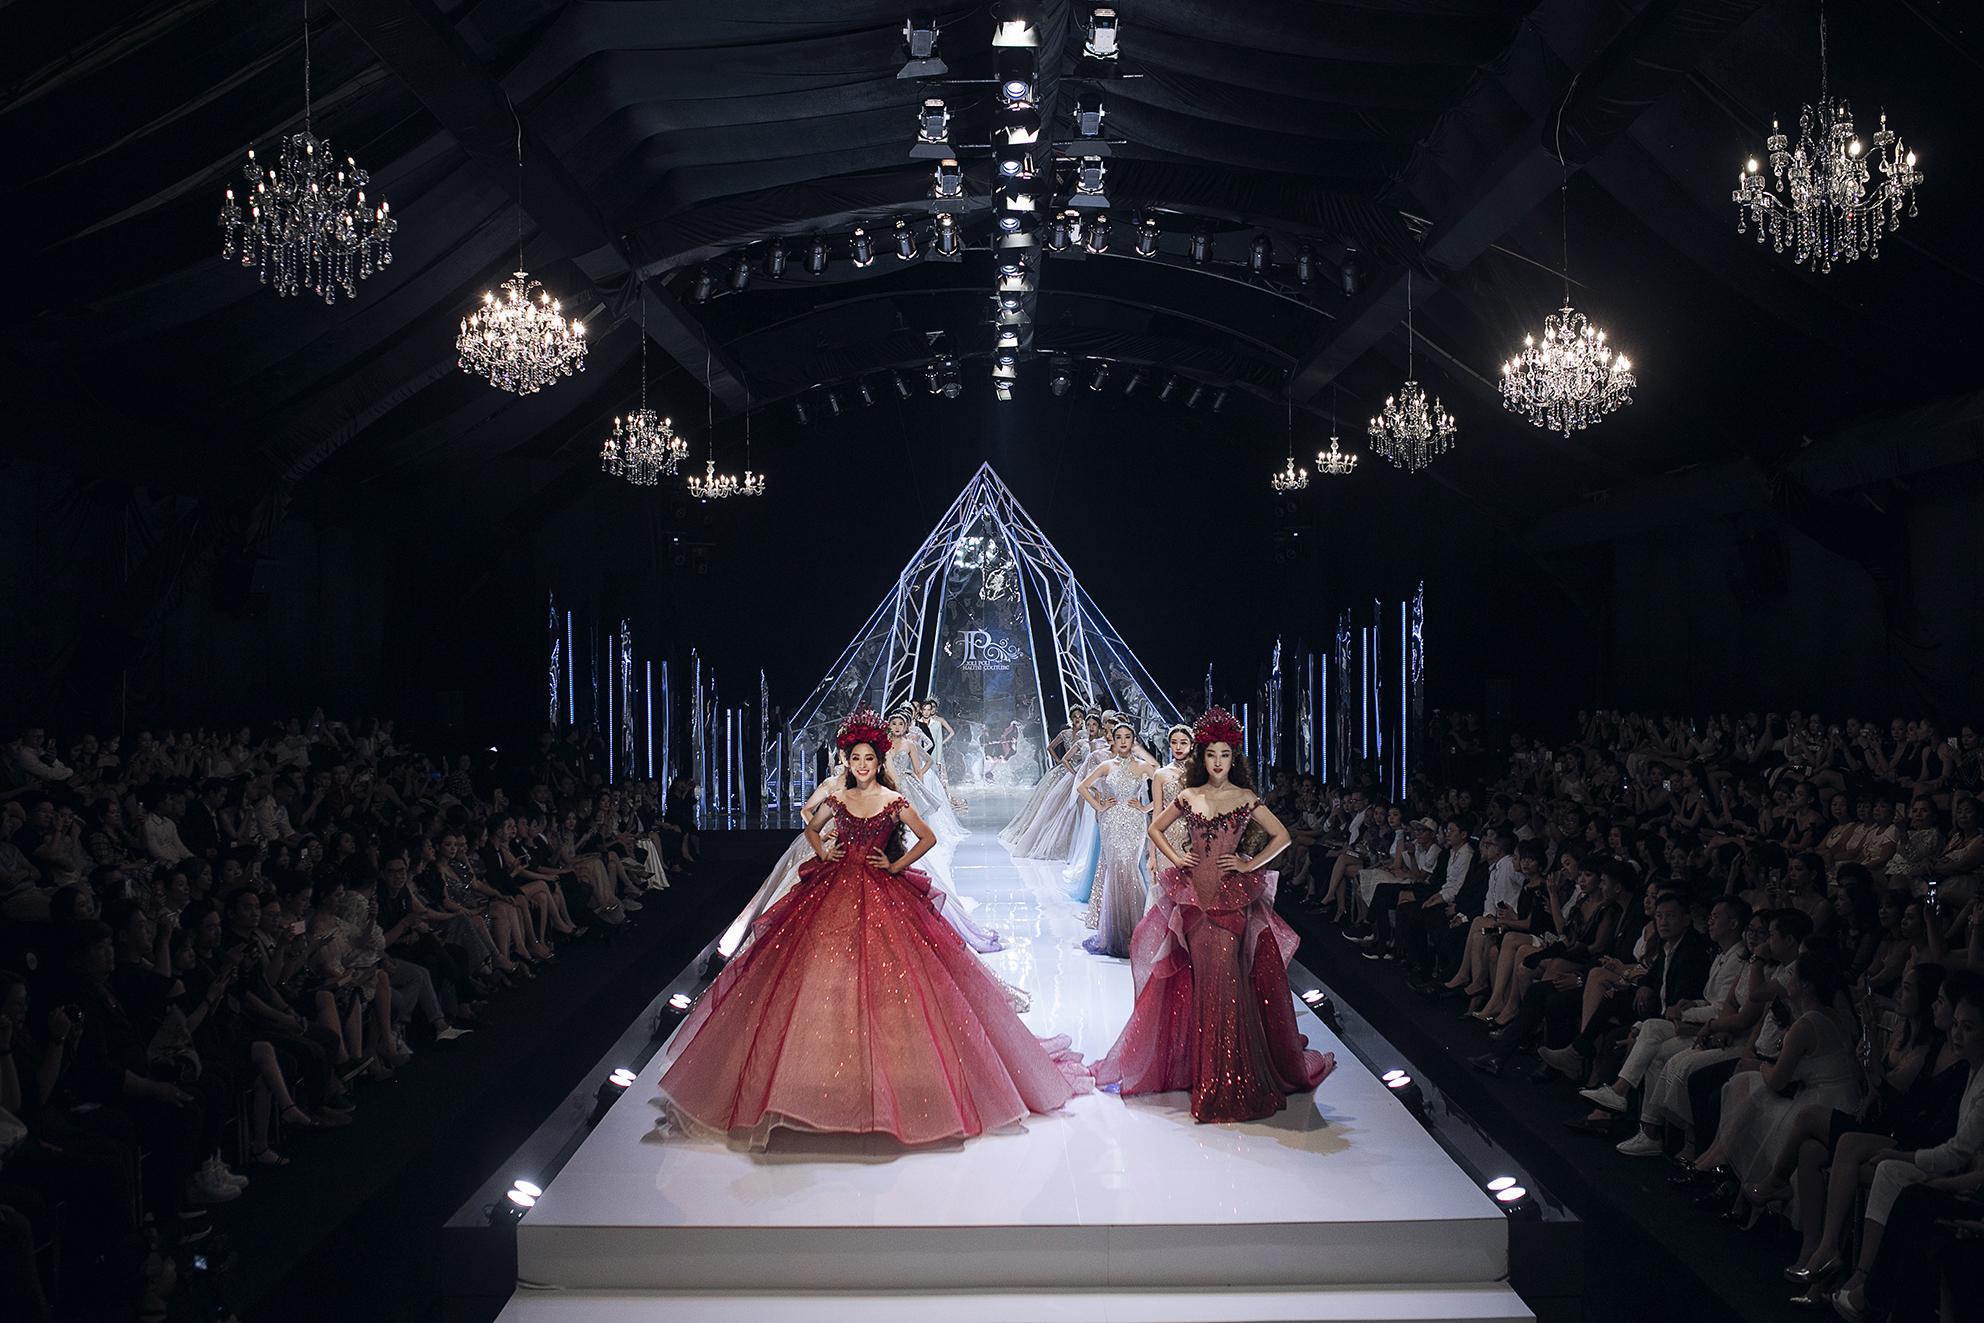 Đối lập Hương Giang sắc lạnh, hoa hậu Tiểu Vy catwalk như một 'thiên thần' - Ảnh 4